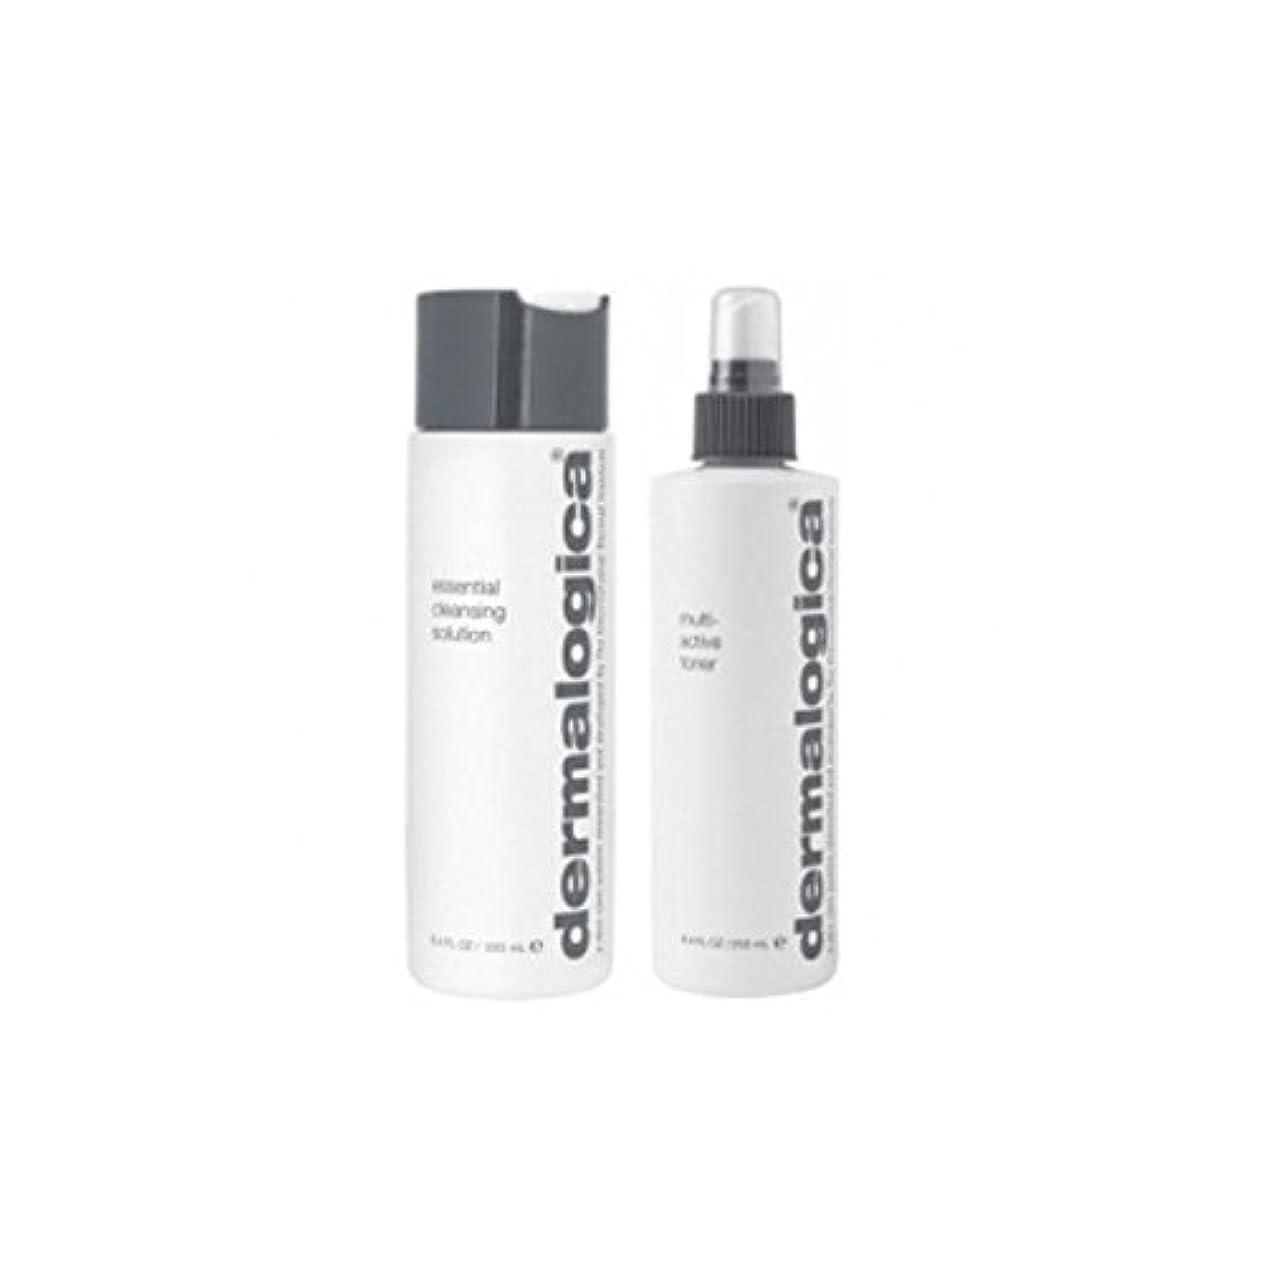 にぎやか災難ぼんやりしたダーマロジカクレンジング&トーンデュオ - 乾燥肌 x4 - Dermalogica Cleanse & Tone Duo - Dry Skin (Pack of 4) [並行輸入品]